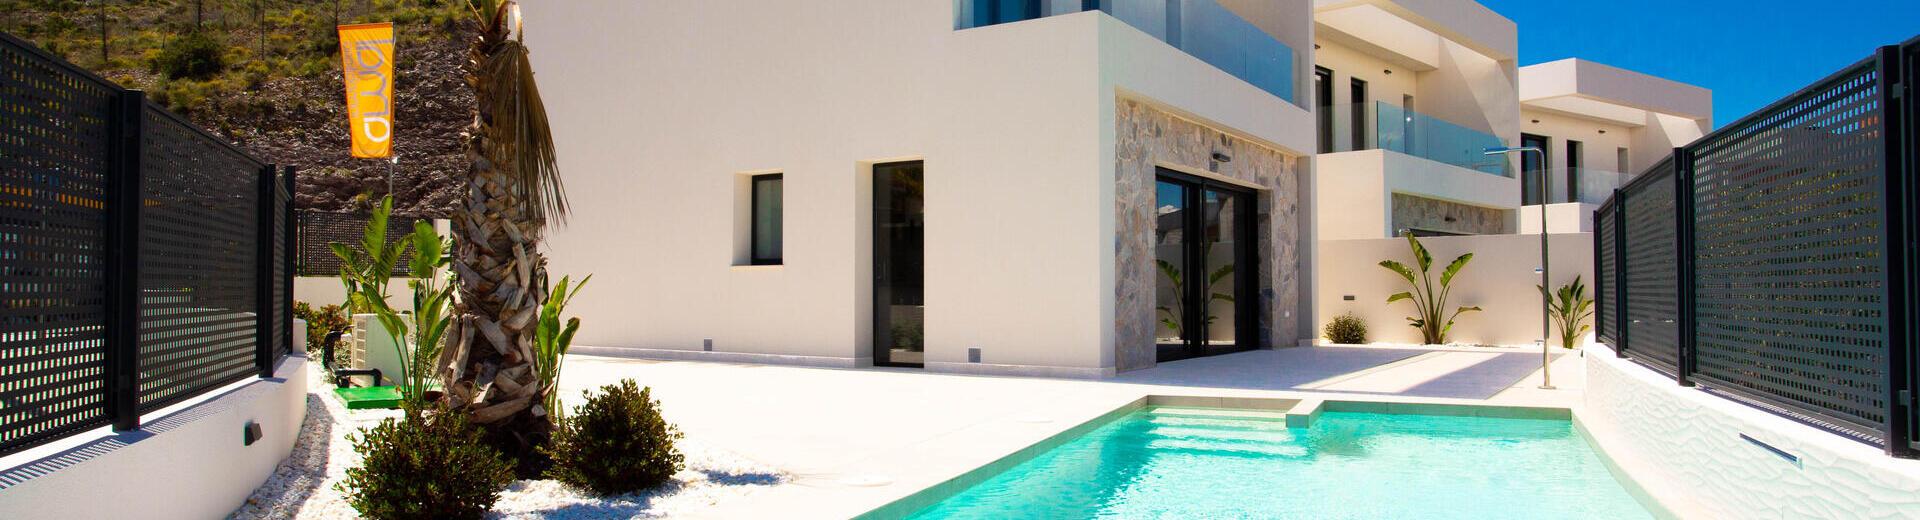 VIP7818: Villa zu Verkaufen